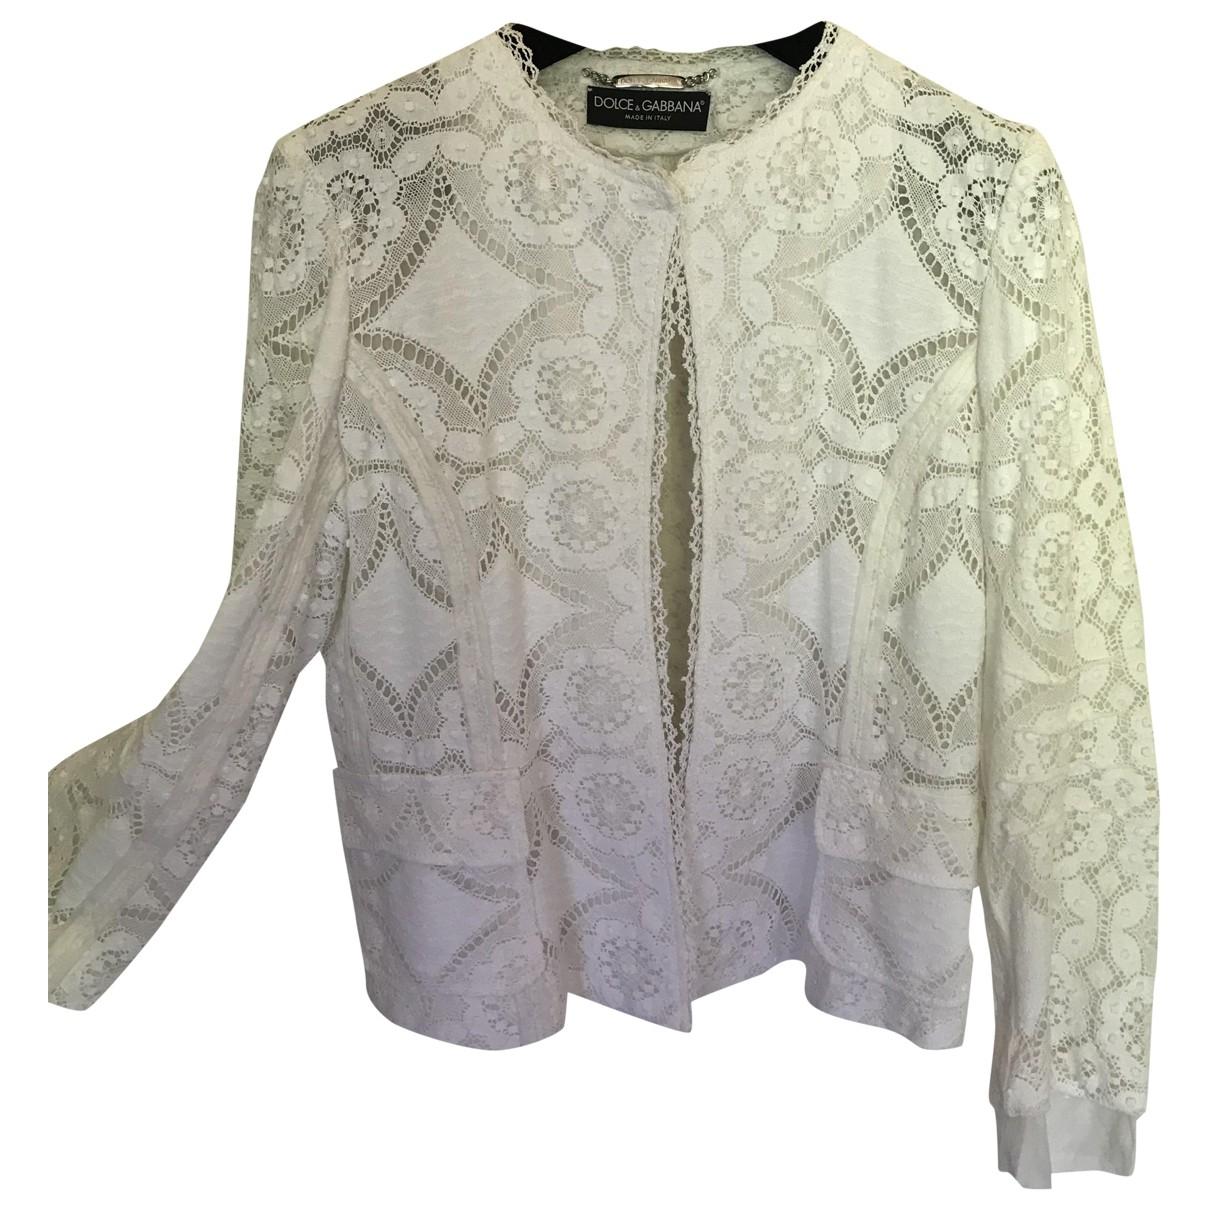 Dolce & Gabbana \N Jacke in  Weiss Baumwolle